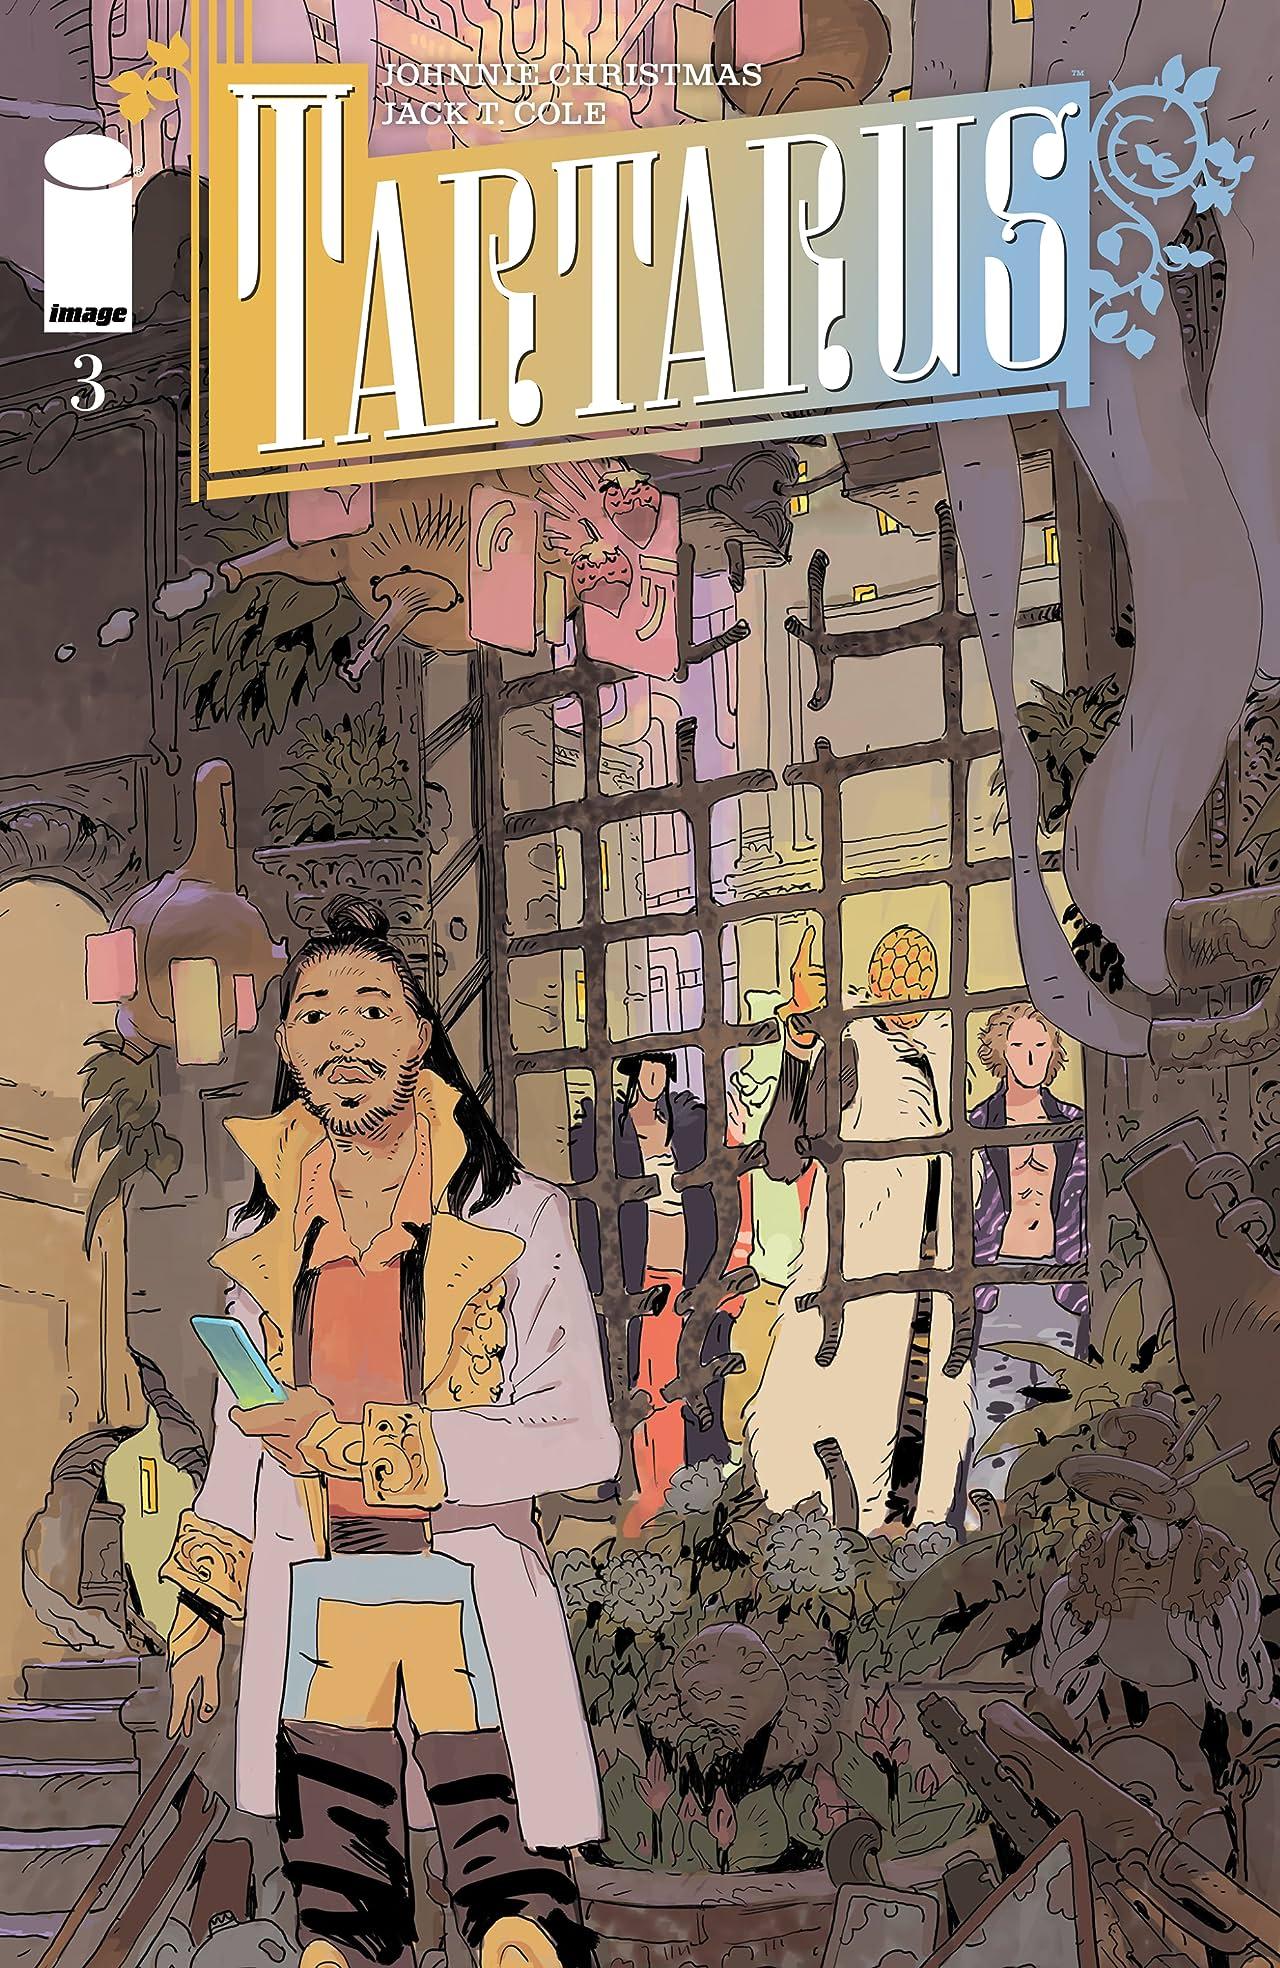 Tartarus #3